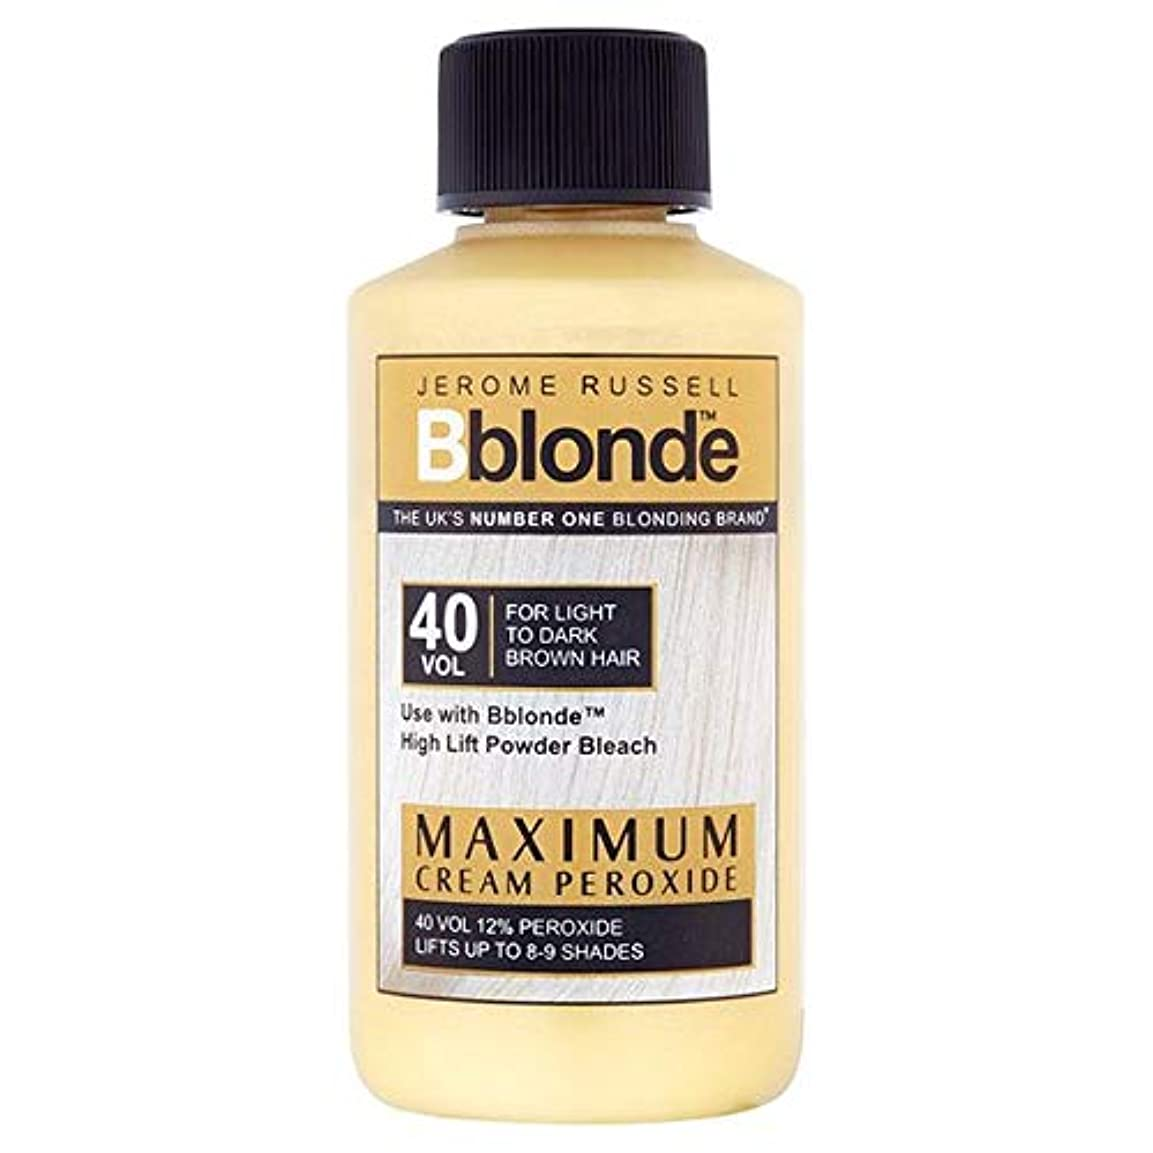 ポジション似ているティーム[Jerome Russell] ジェロームラッセルB金髪最大クリームパー40巻 - Jerome Russell B Blonde Max Cream Peroxide 40 Volume [並行輸入品]